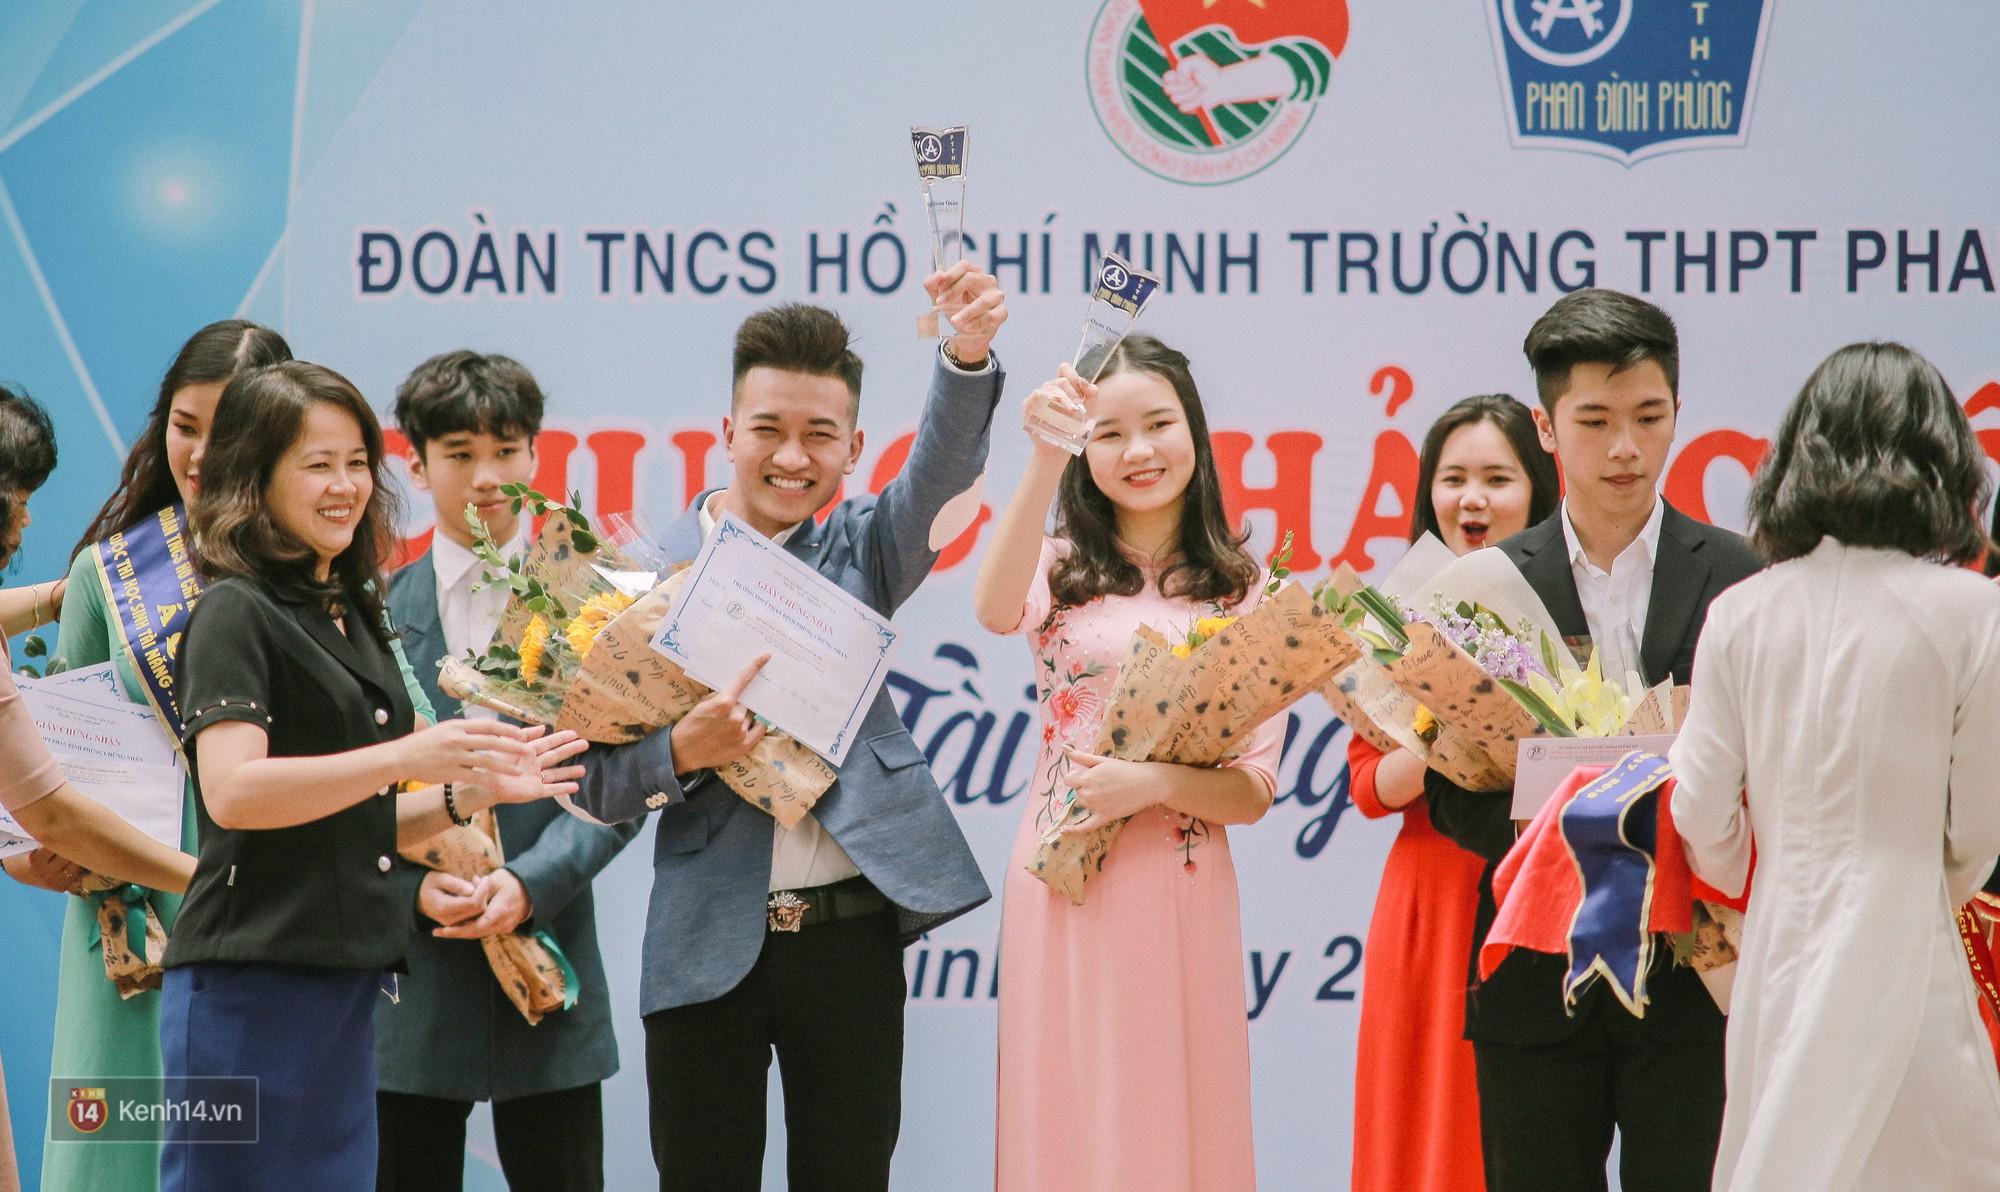 Cuộc thi Học sinh thanh lịch của Phan Đình Phùng tìm được cặp Đại sứ mới, hot boy cầm cờ chiếm spotlight - Ảnh 5.